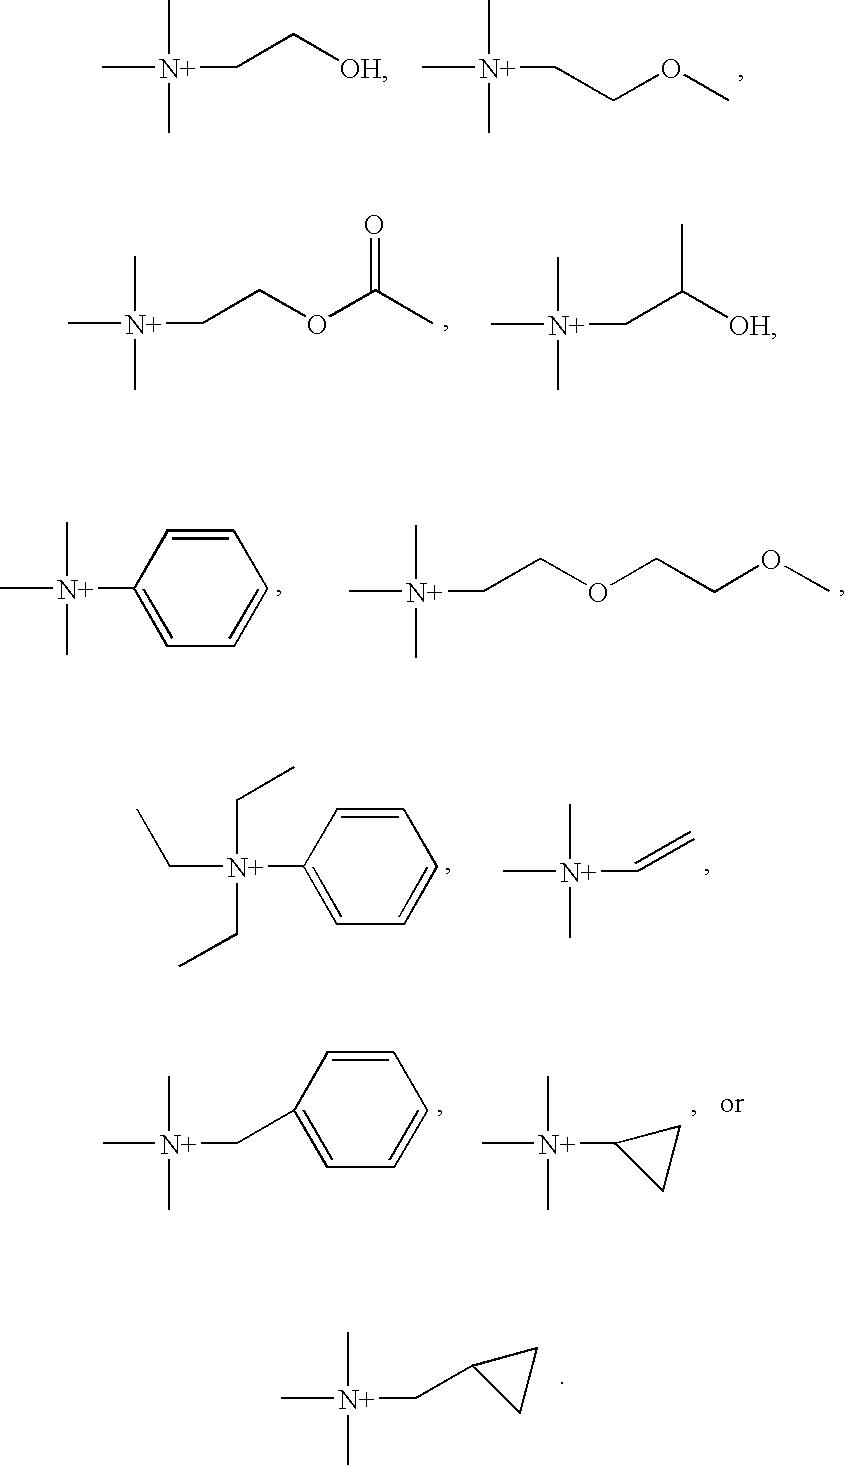 Figure US07189865-20070313-C00005